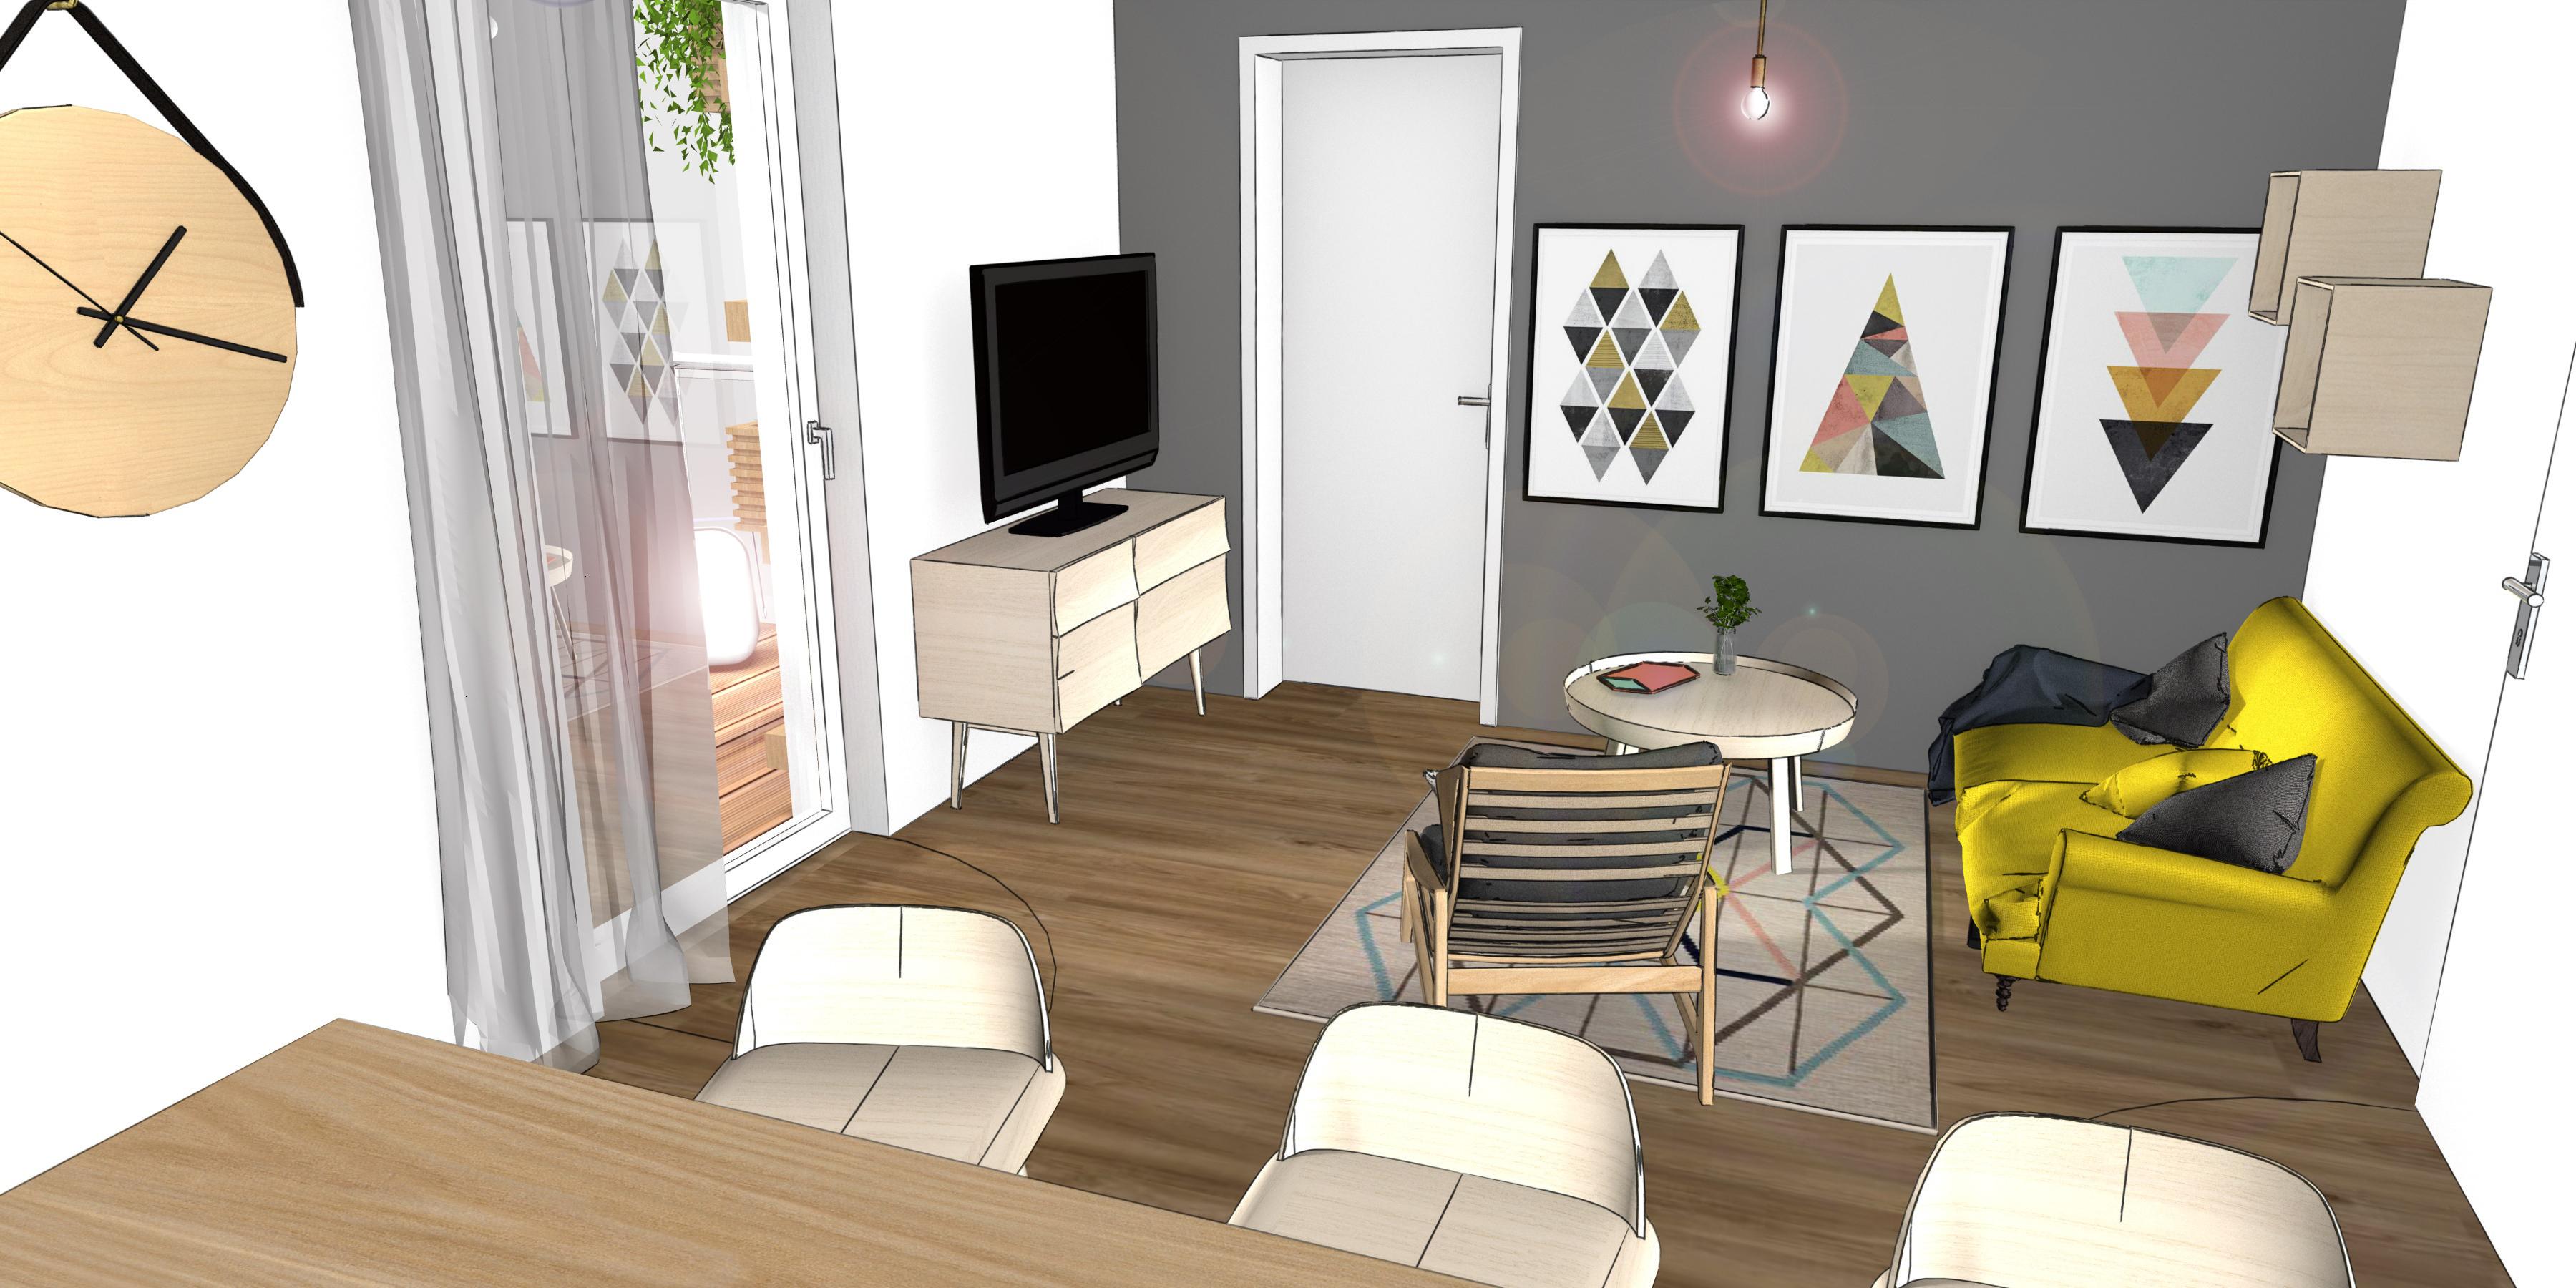 Visualisierung mittels 3D Rendering. Innenarchitektur Entwurf, Möblierung, Innenarchitekt